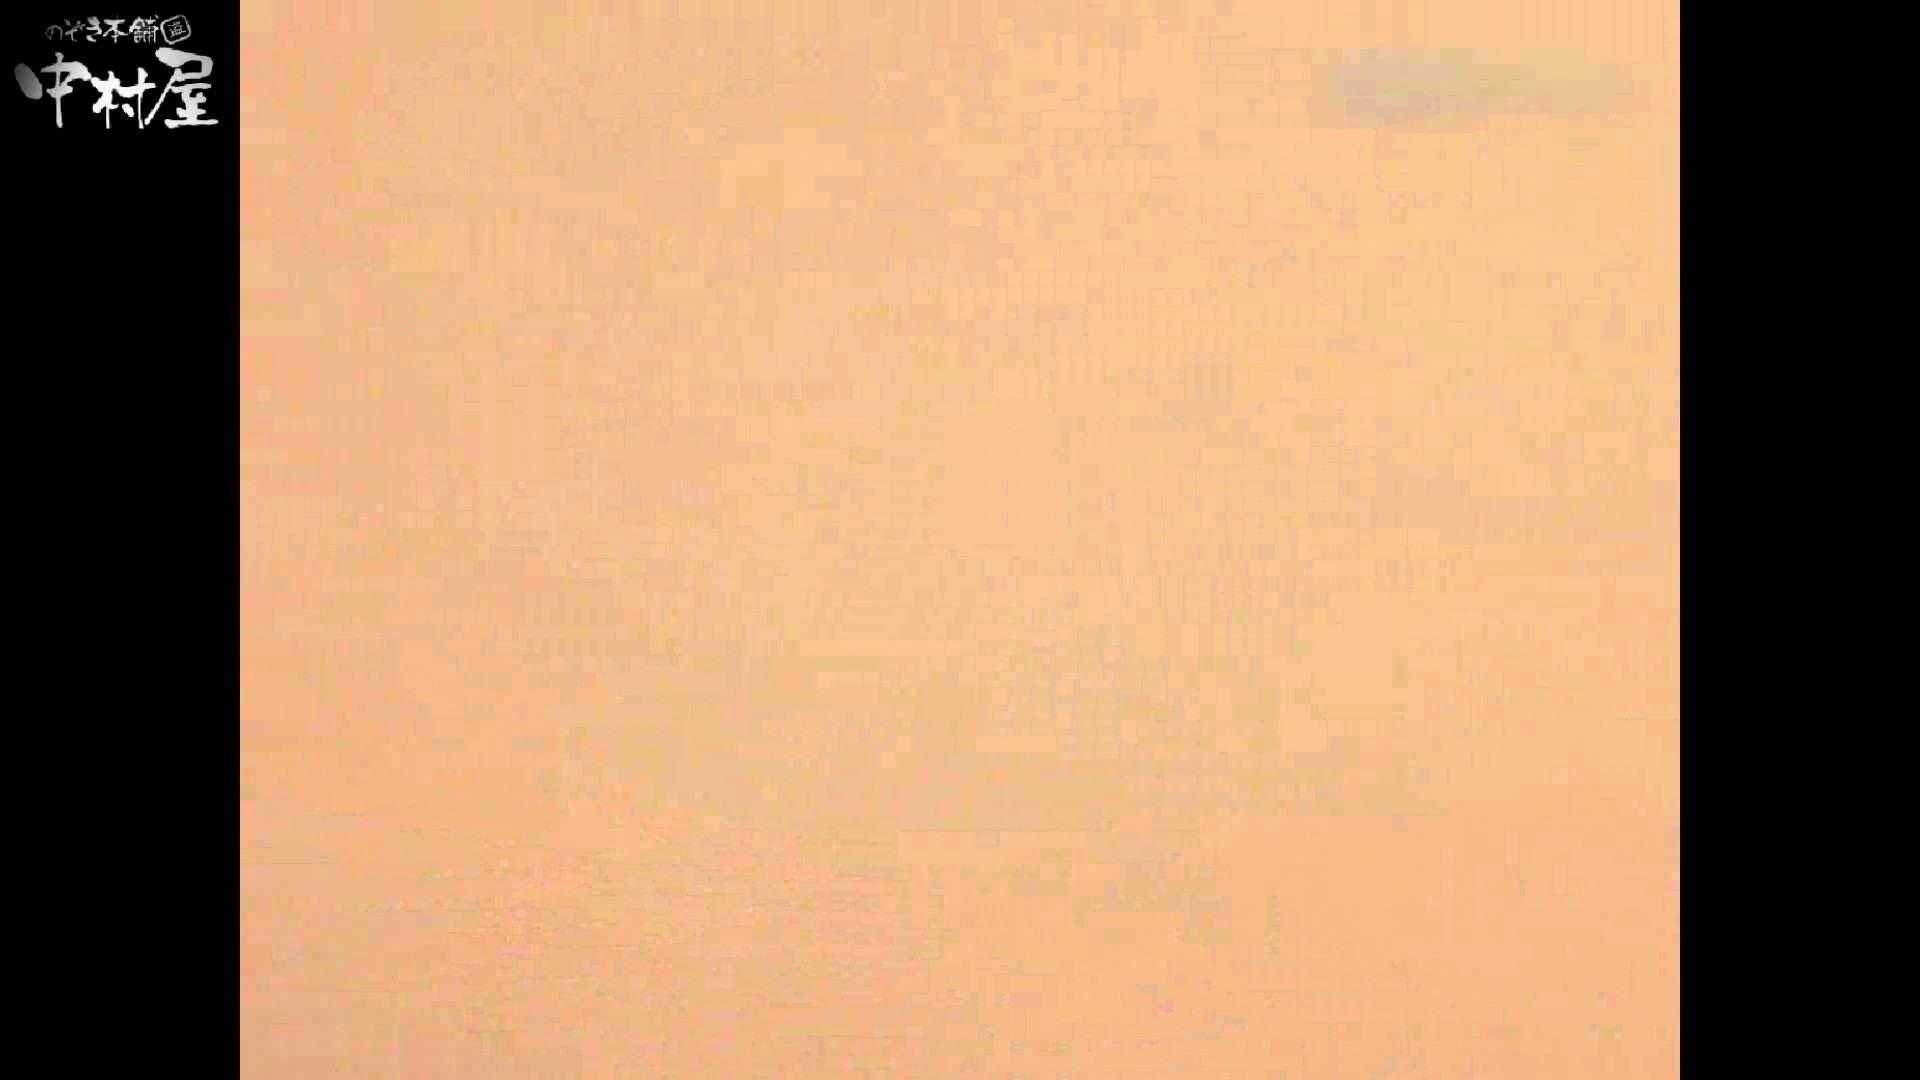 岩手県在住盗撮師盗撮記録vol.09 HなOL アダルト動画キャプチャ 110pic 92